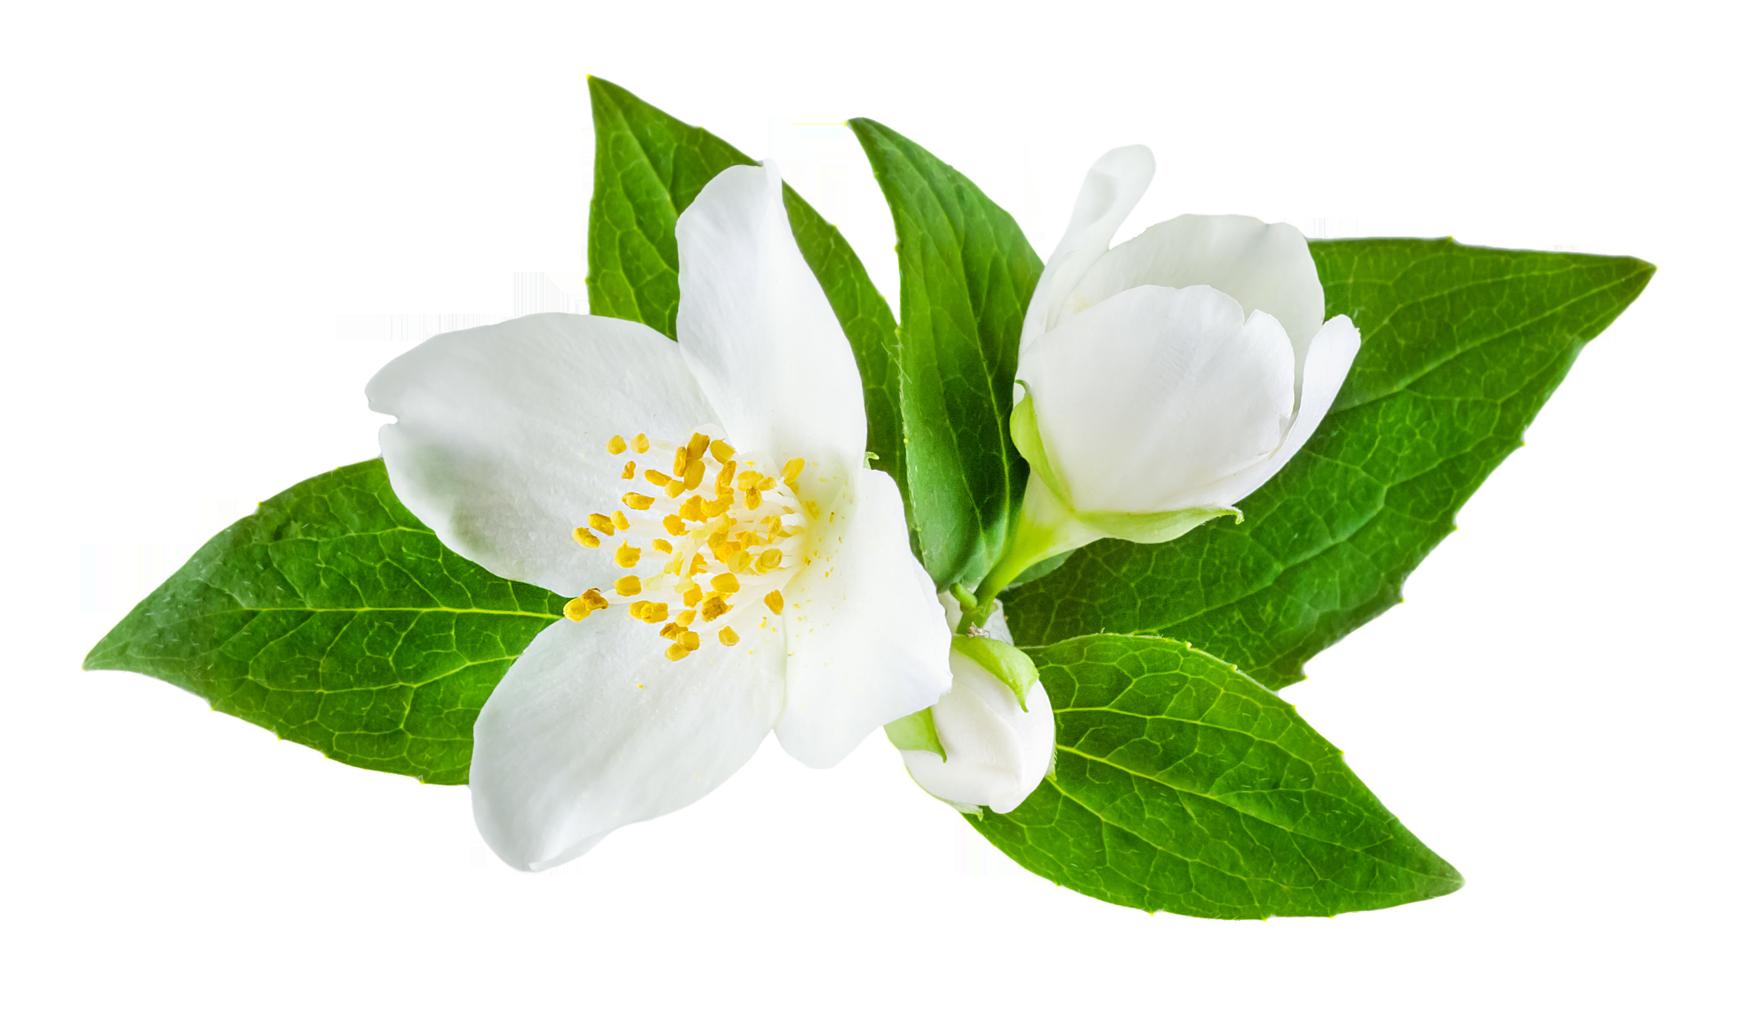 Jasmine Flower Png Images Free Download